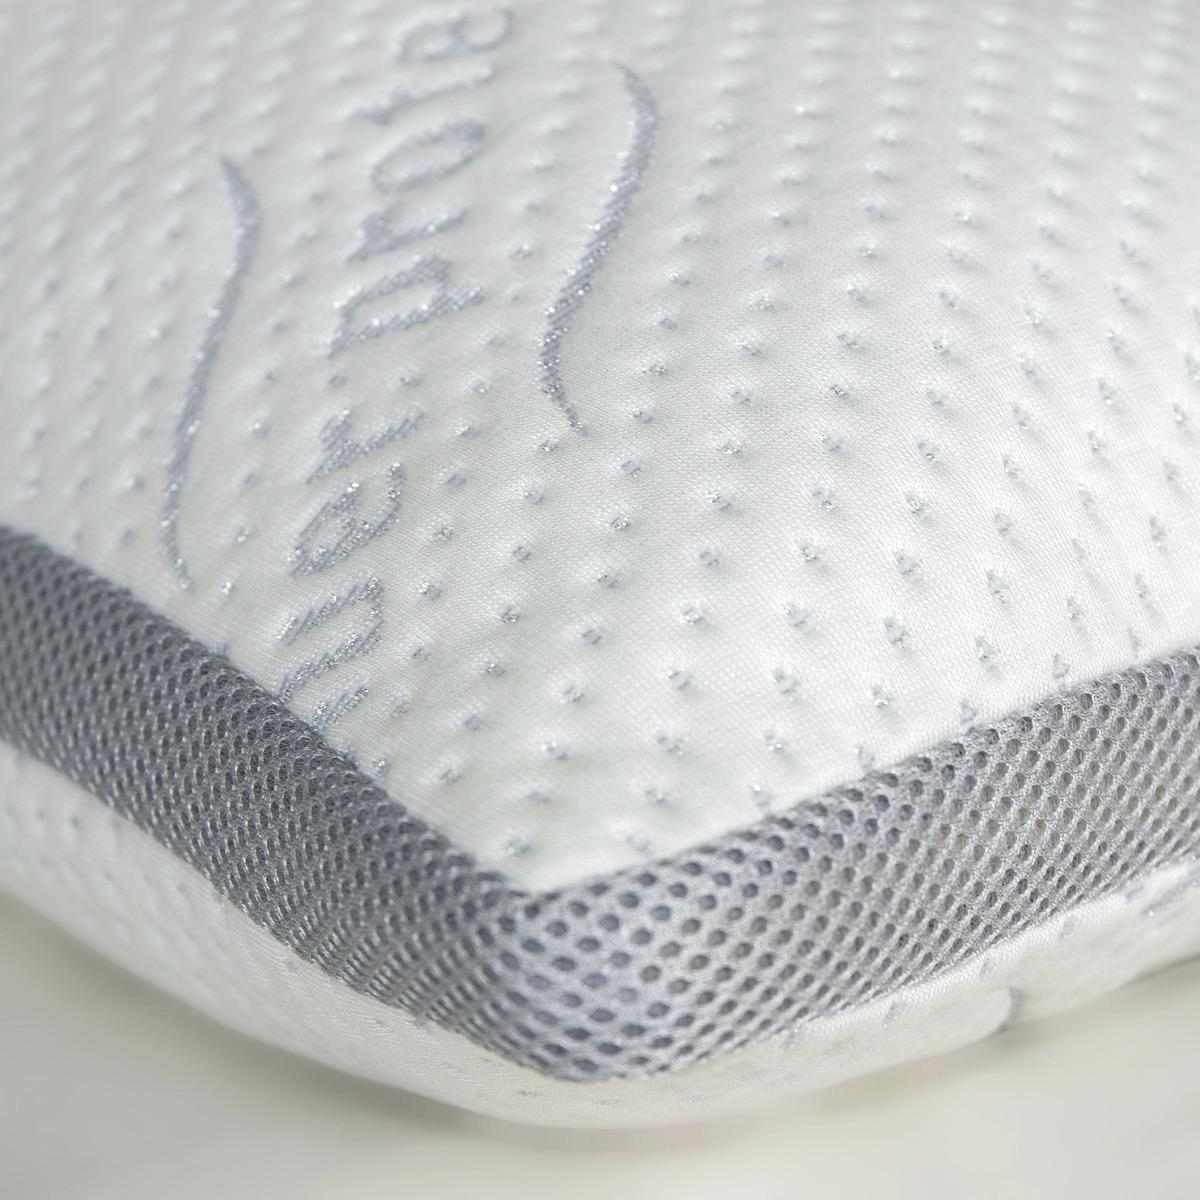 Nackenkissen für erholsamen Schlaf